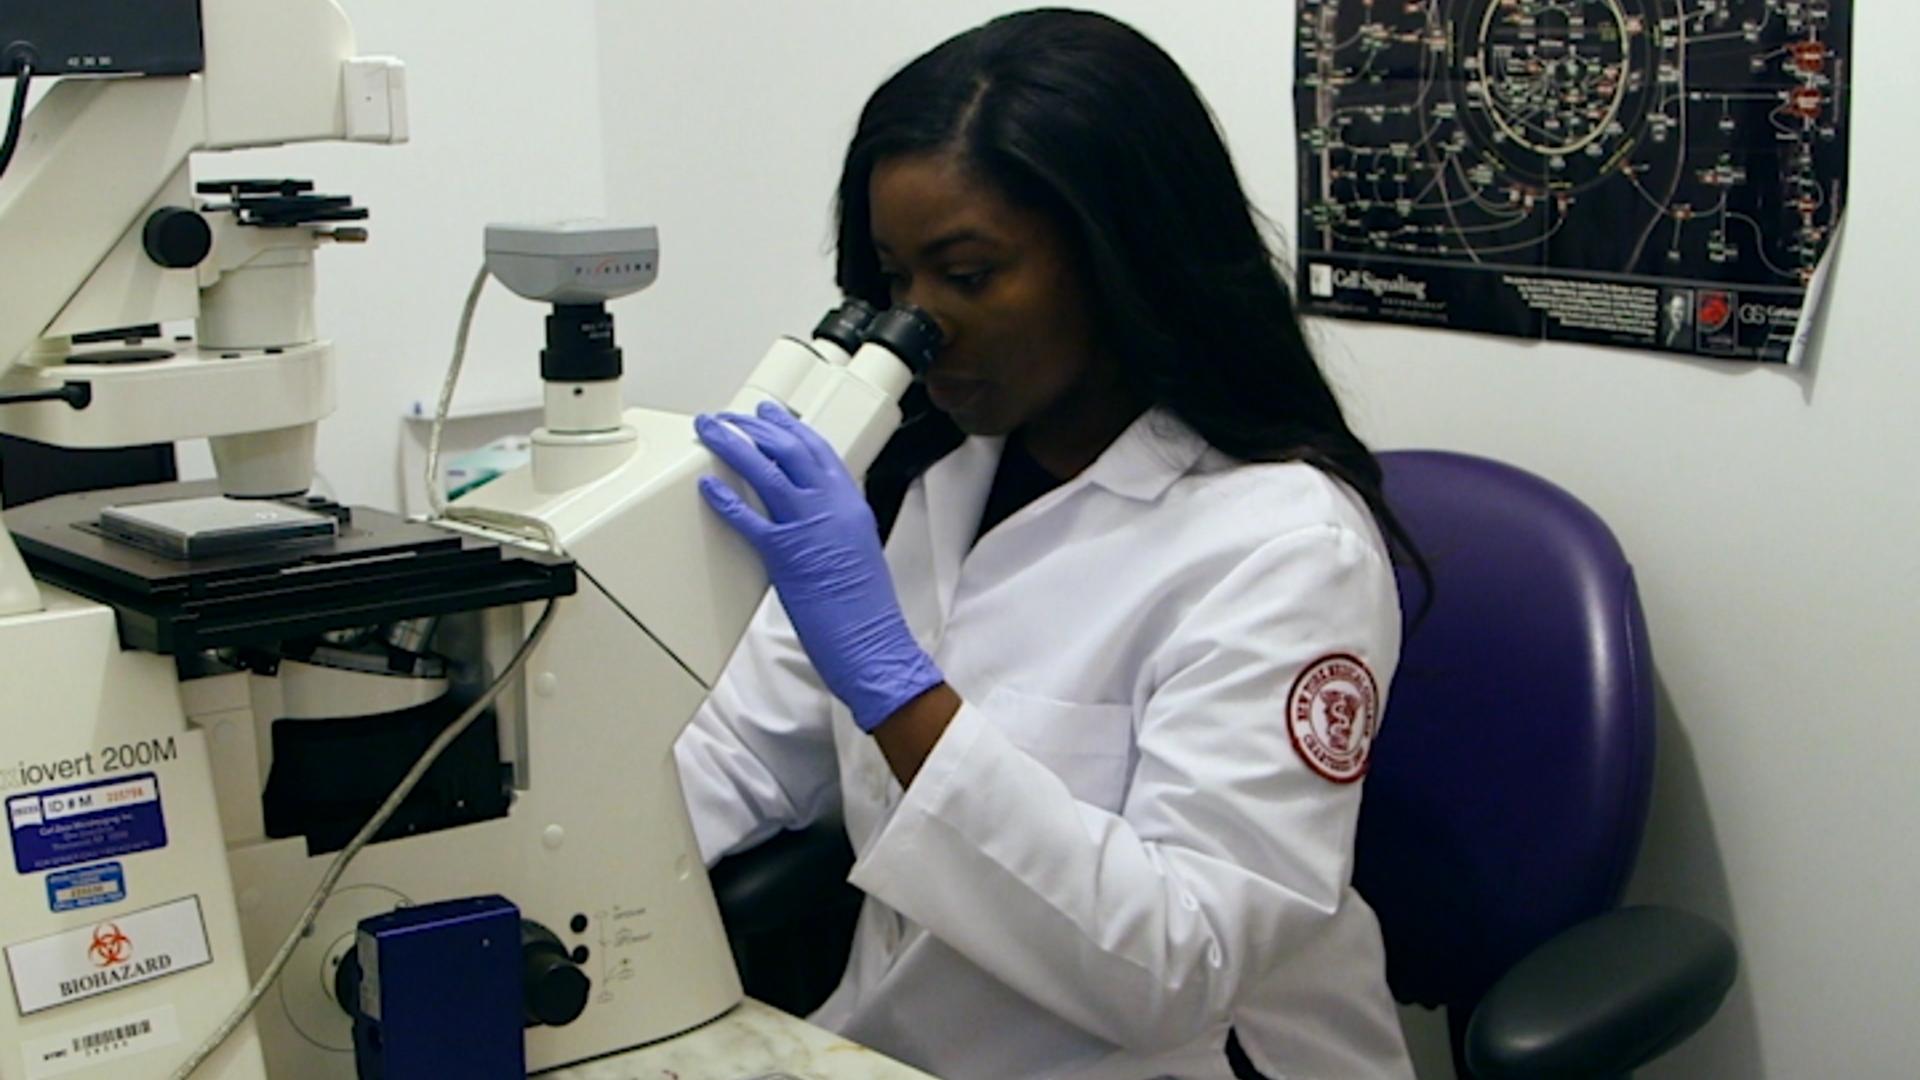 الى الامام علم الوراثة شاشات طريق الضامة لتحديد<em&gt; التوكسوبلازما</em&gt; الجينات هامة الحصانة الذاتية للمقاومة إلى الإنترفيرون γ التي تعتمد على خلية thumbnail